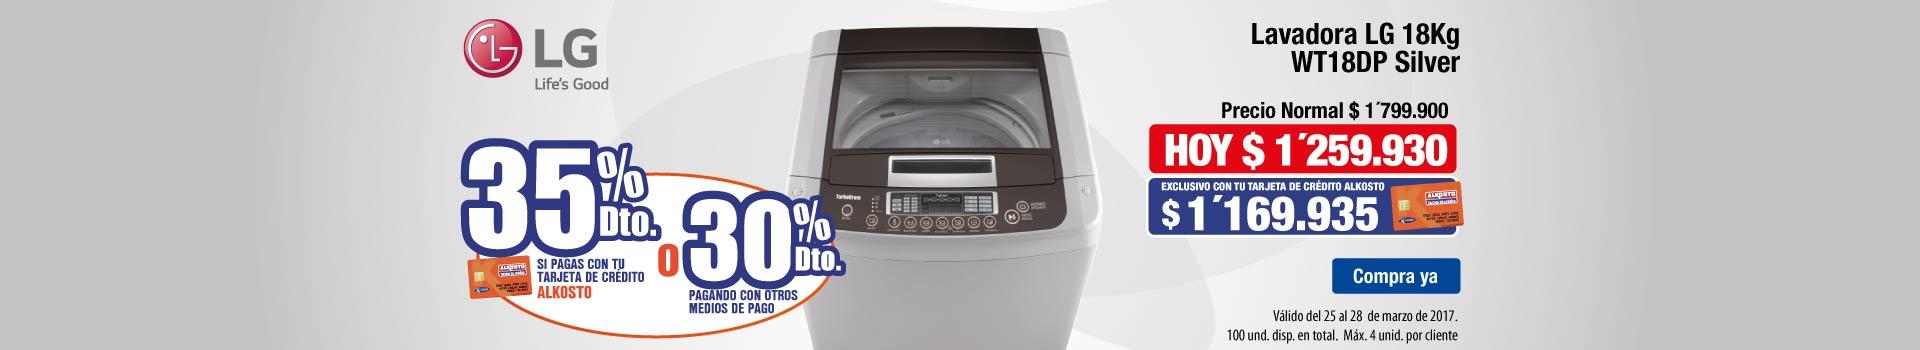 CAT ELECT - marzo 25 - Lavadora LG 18Kg WT18DP Silver